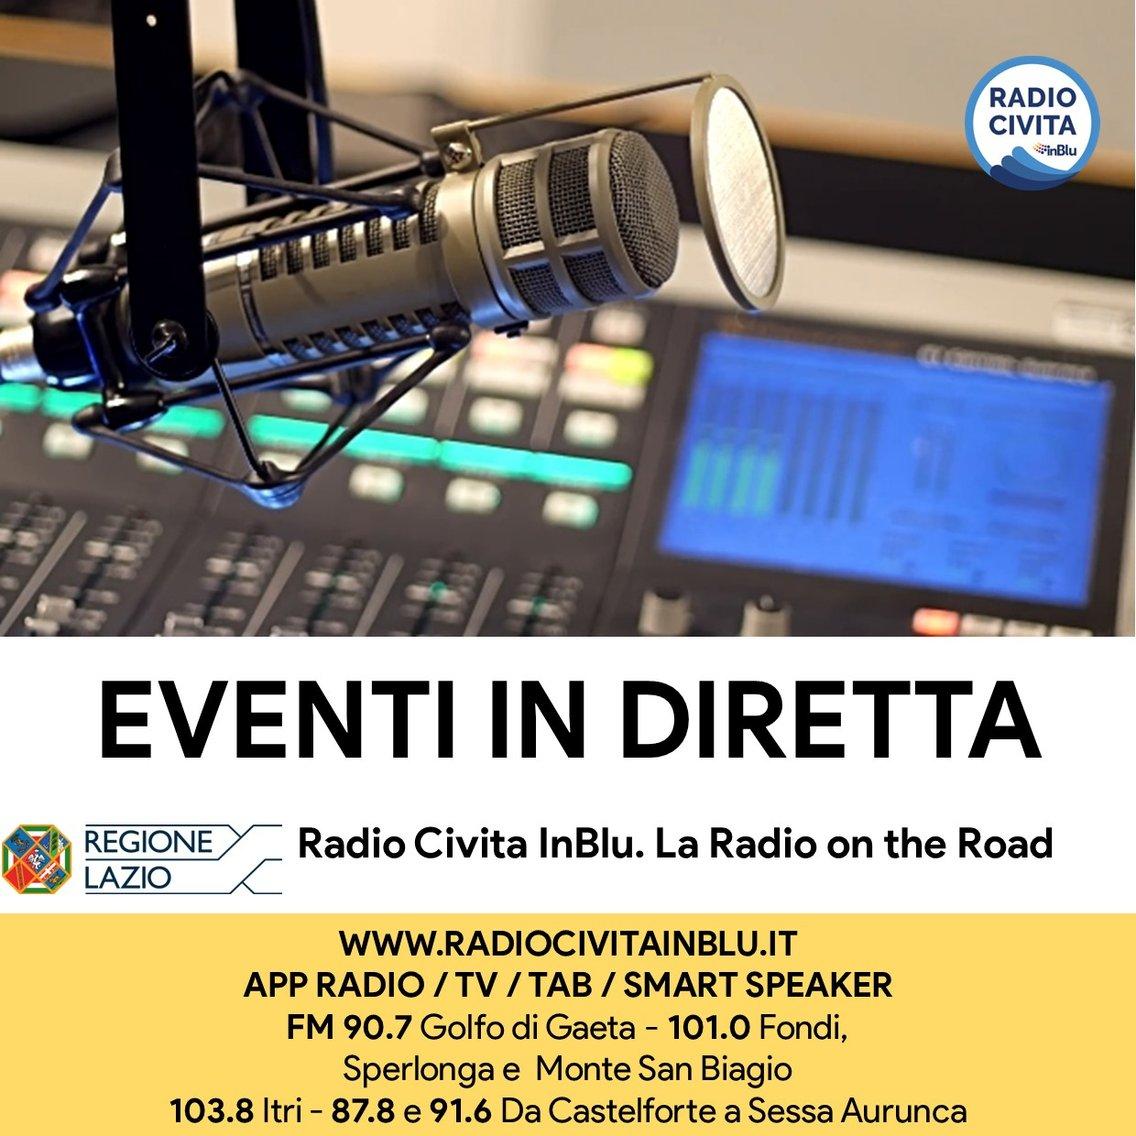 Programmi di Radio Civita InBlu - imagen de portada